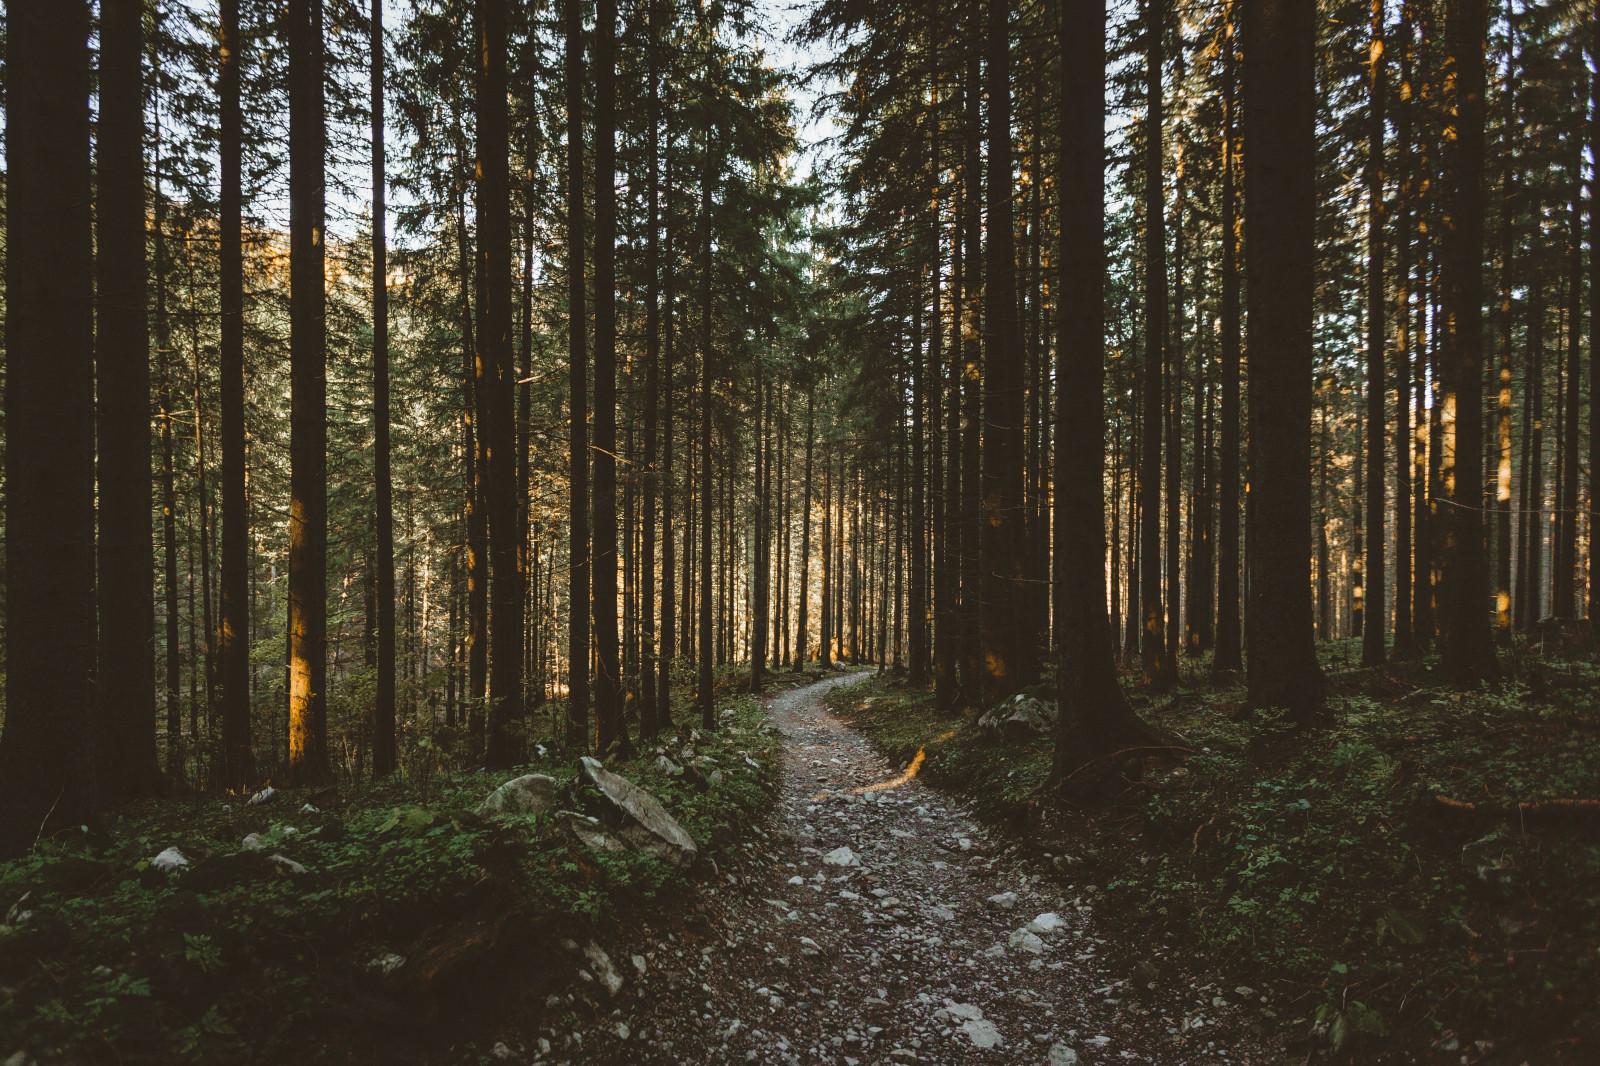 Wallpaper : hutan, alam, pohon, jalan tanah 5186x3457